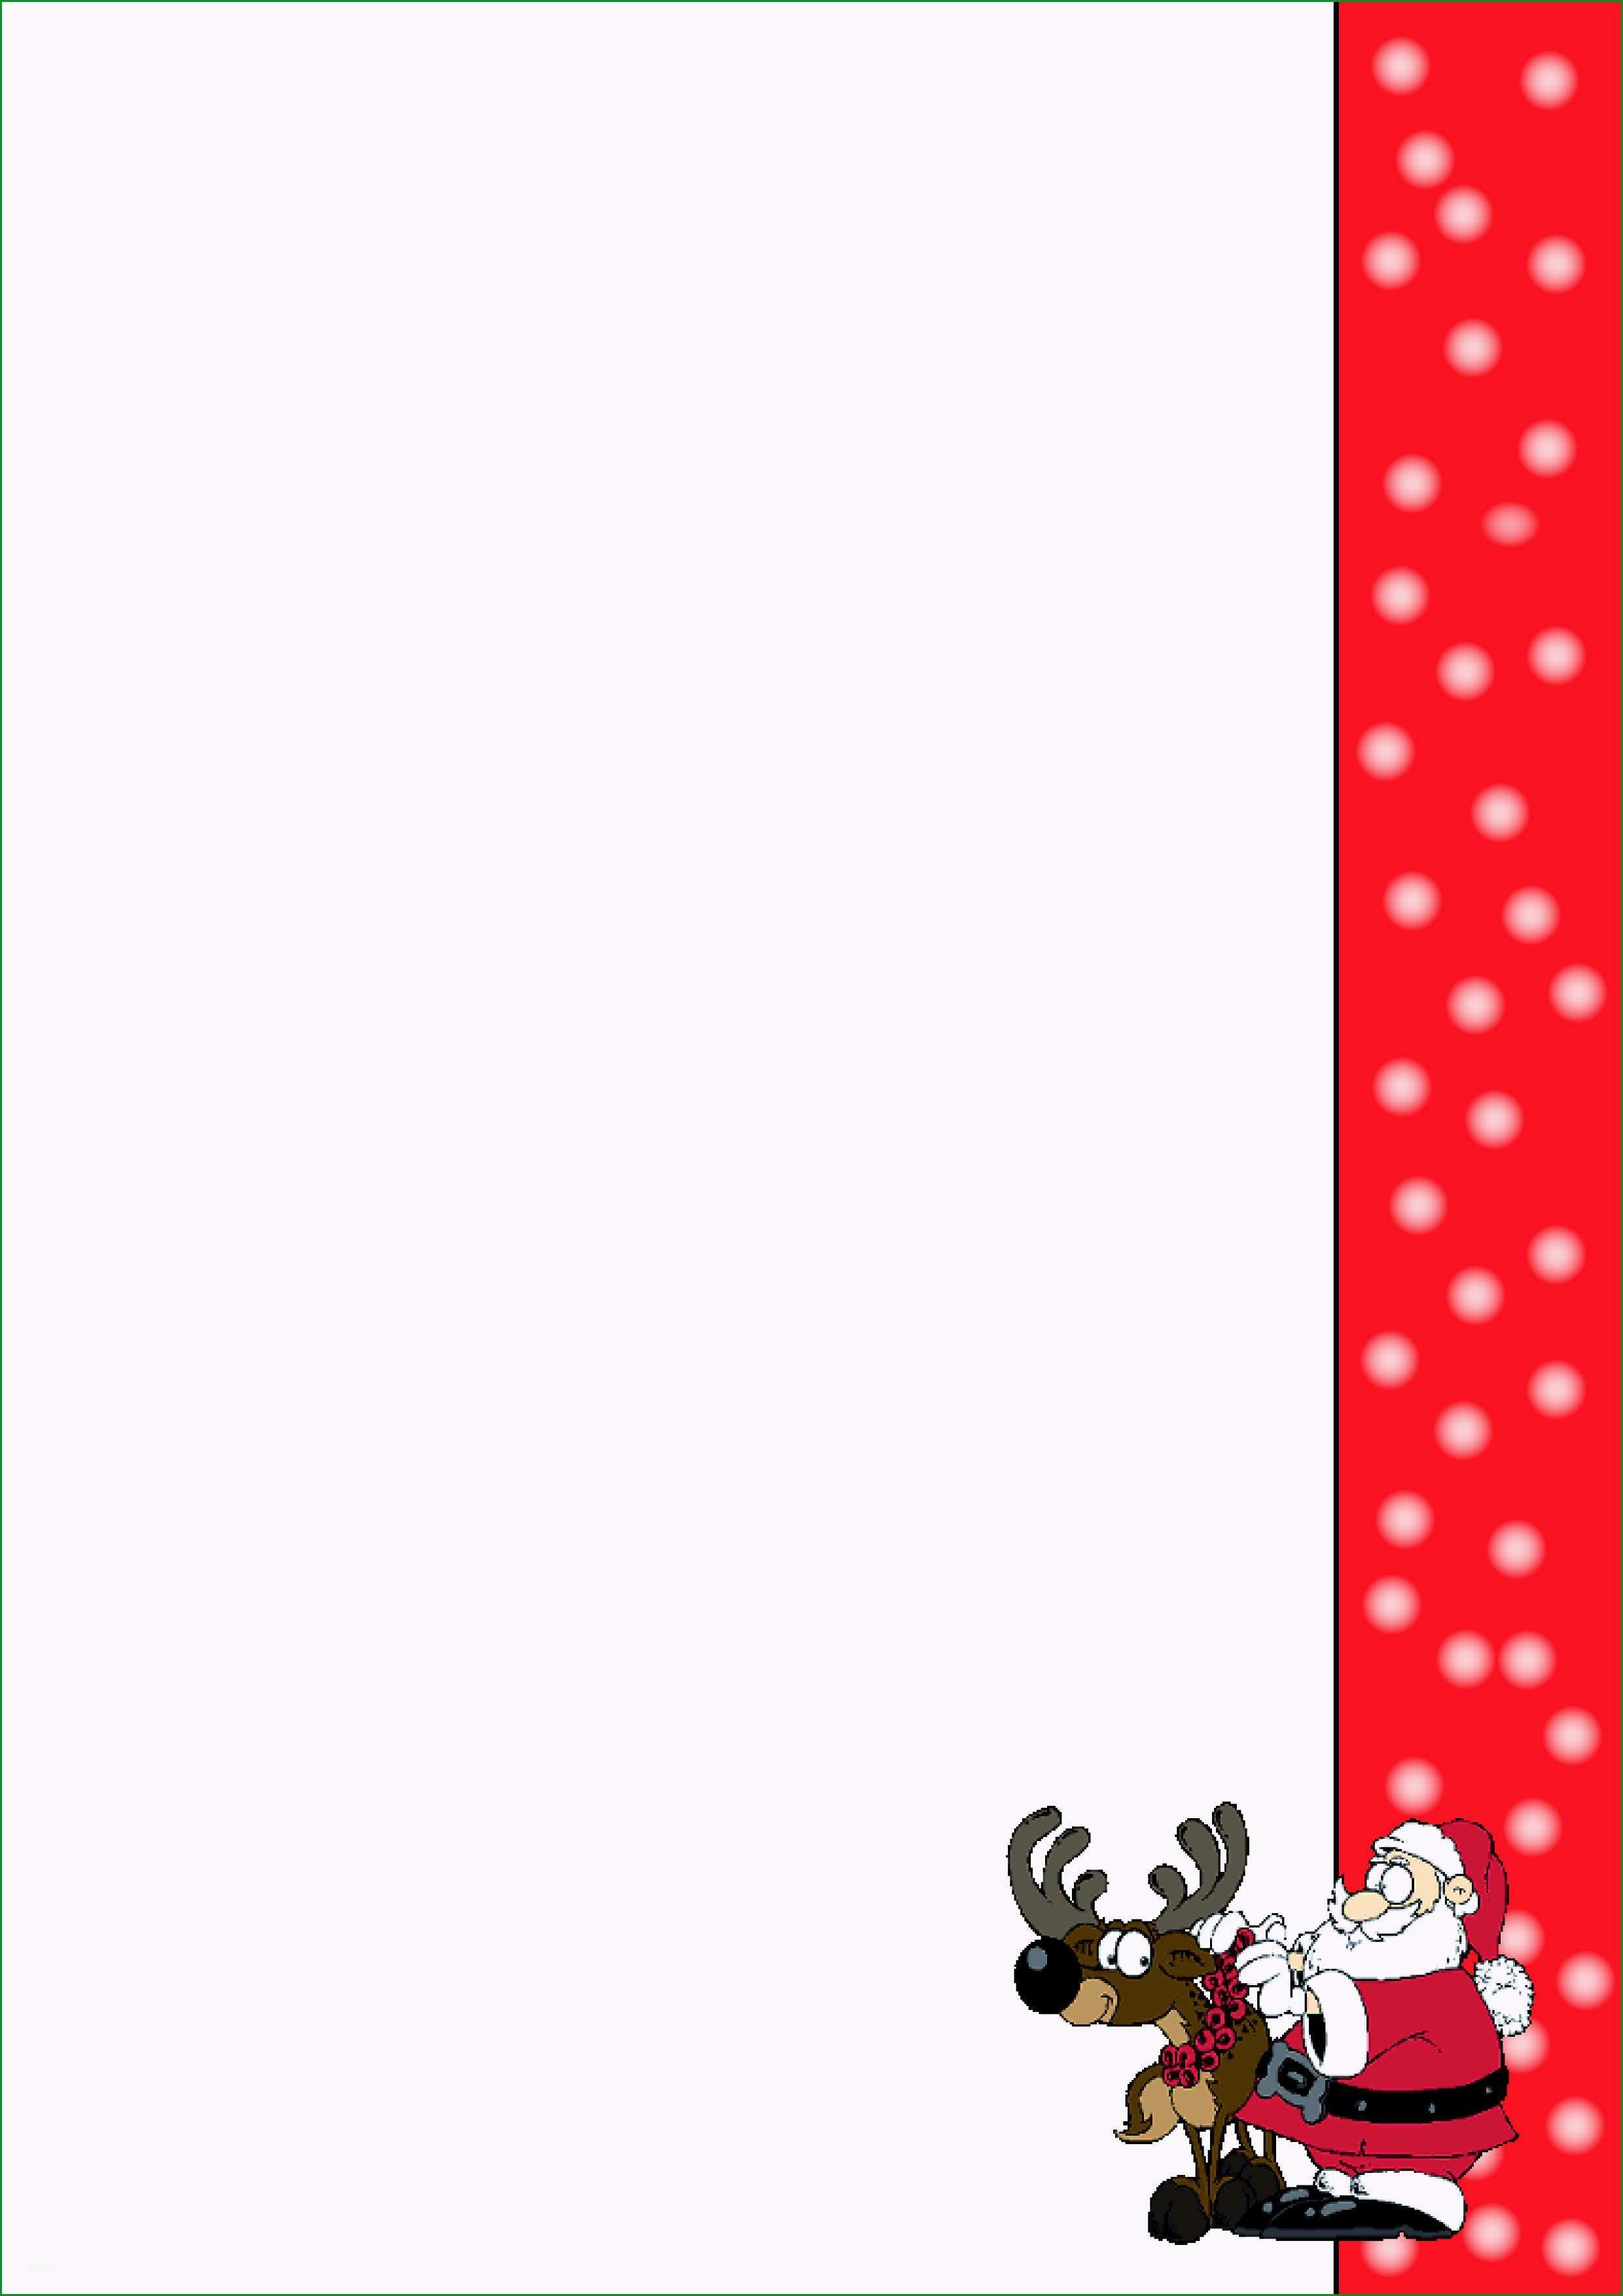 kostenloses briefpapier weihnachten vorlagen zum selbst mit weihnachtsbrief vorlage kostenlos